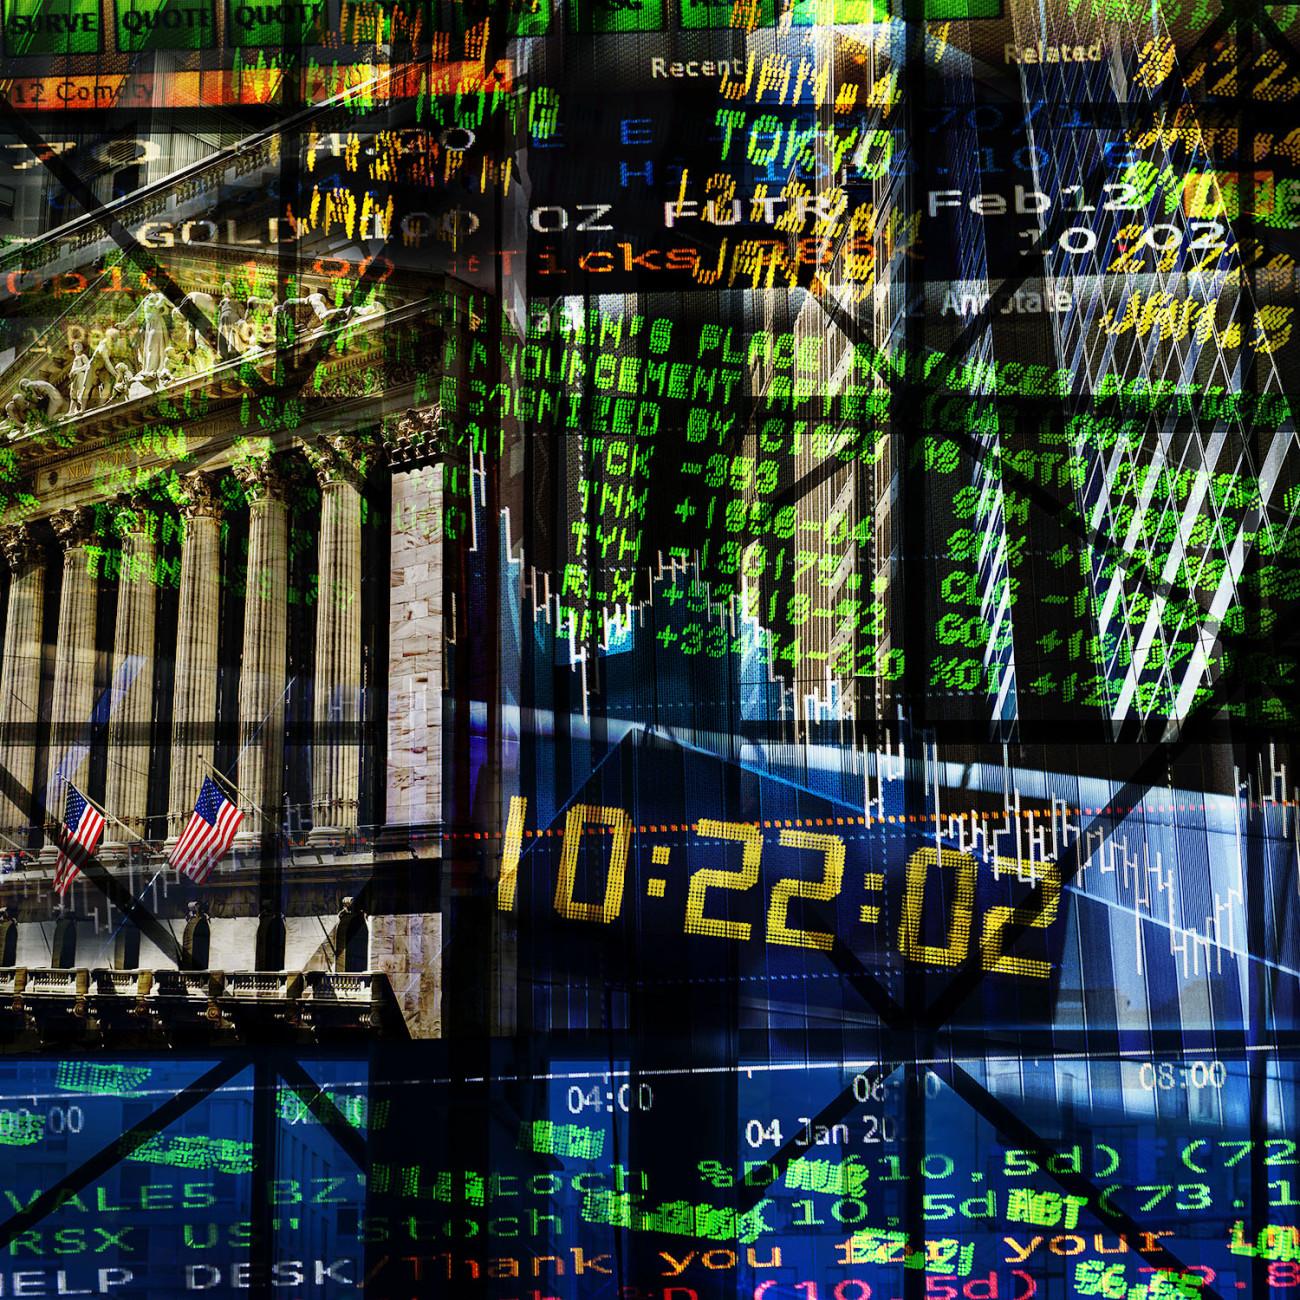 Metropolis - 10:22:02 in New York, 2016